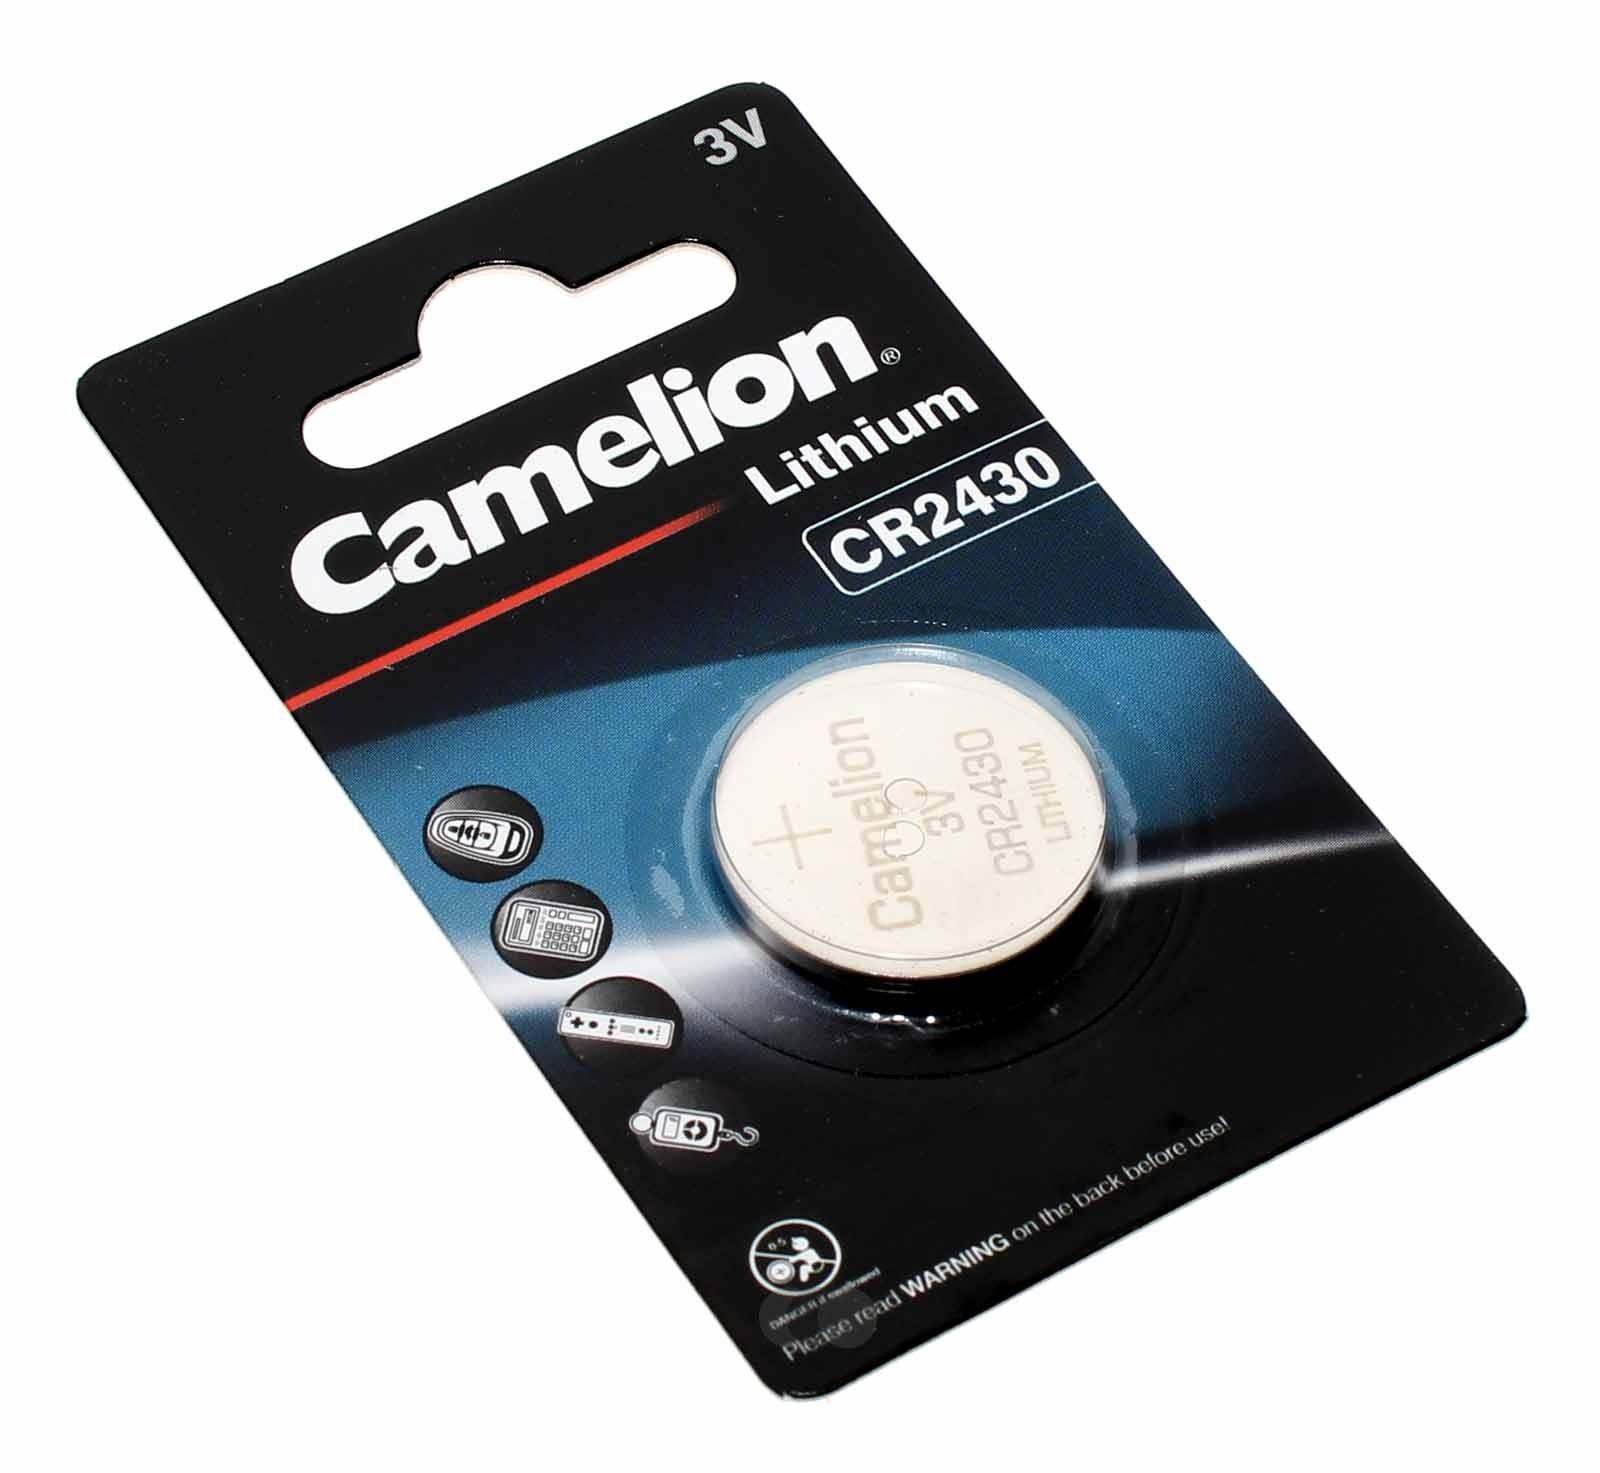 Camelion CR2430 Lithium Knopfzelle Batterie 3V, 270mAh, CR2430-BP1, DL2430, 5011LC, E-CR2430, Uhr Taschenrechner